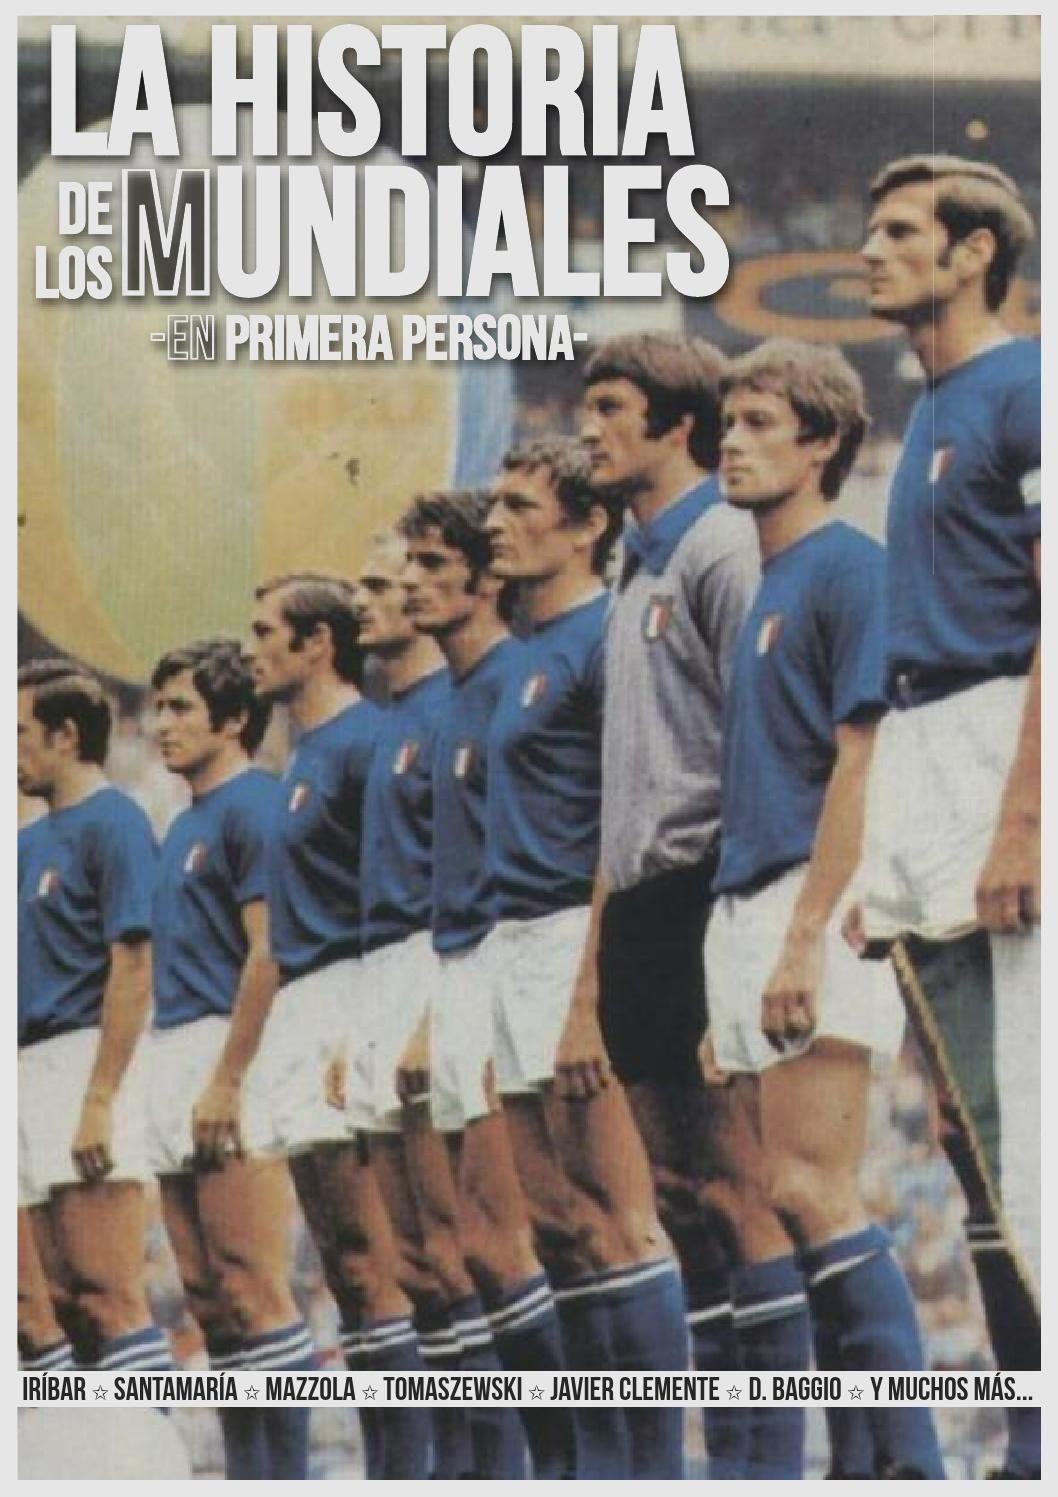 Guía Histórica de los Mundiales Italy national football